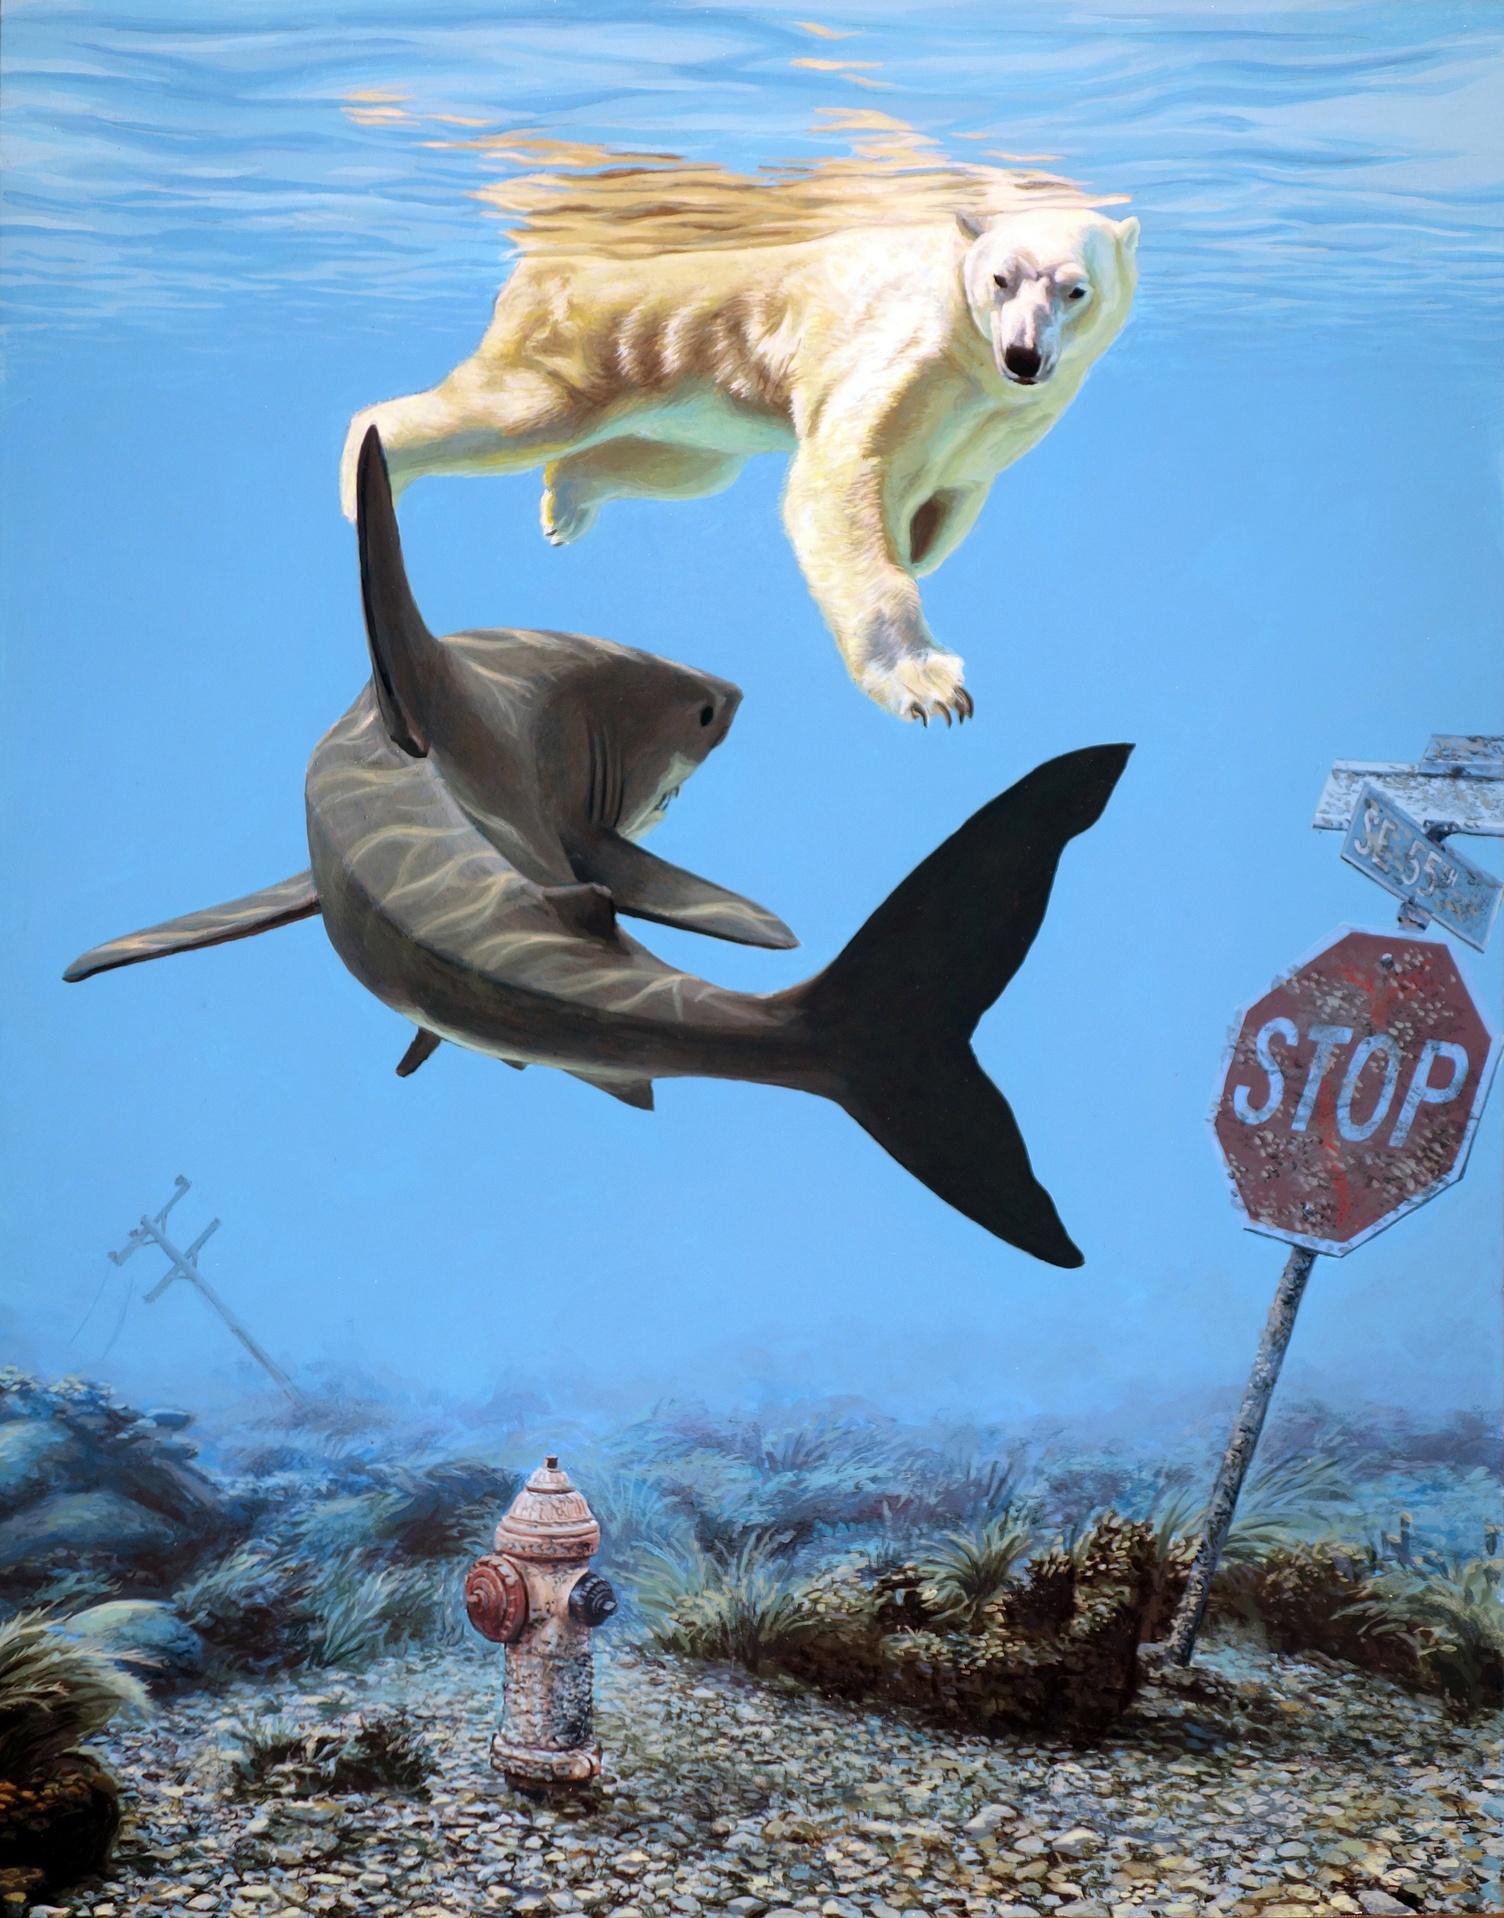 31.2 le tende e affacciarci sugli atteggiamenti bizzarri e ribelli che la natura compie a nostra insaputa, tramite l_evoluzione e l_adattamento animale ad un mondo non sempre ideale